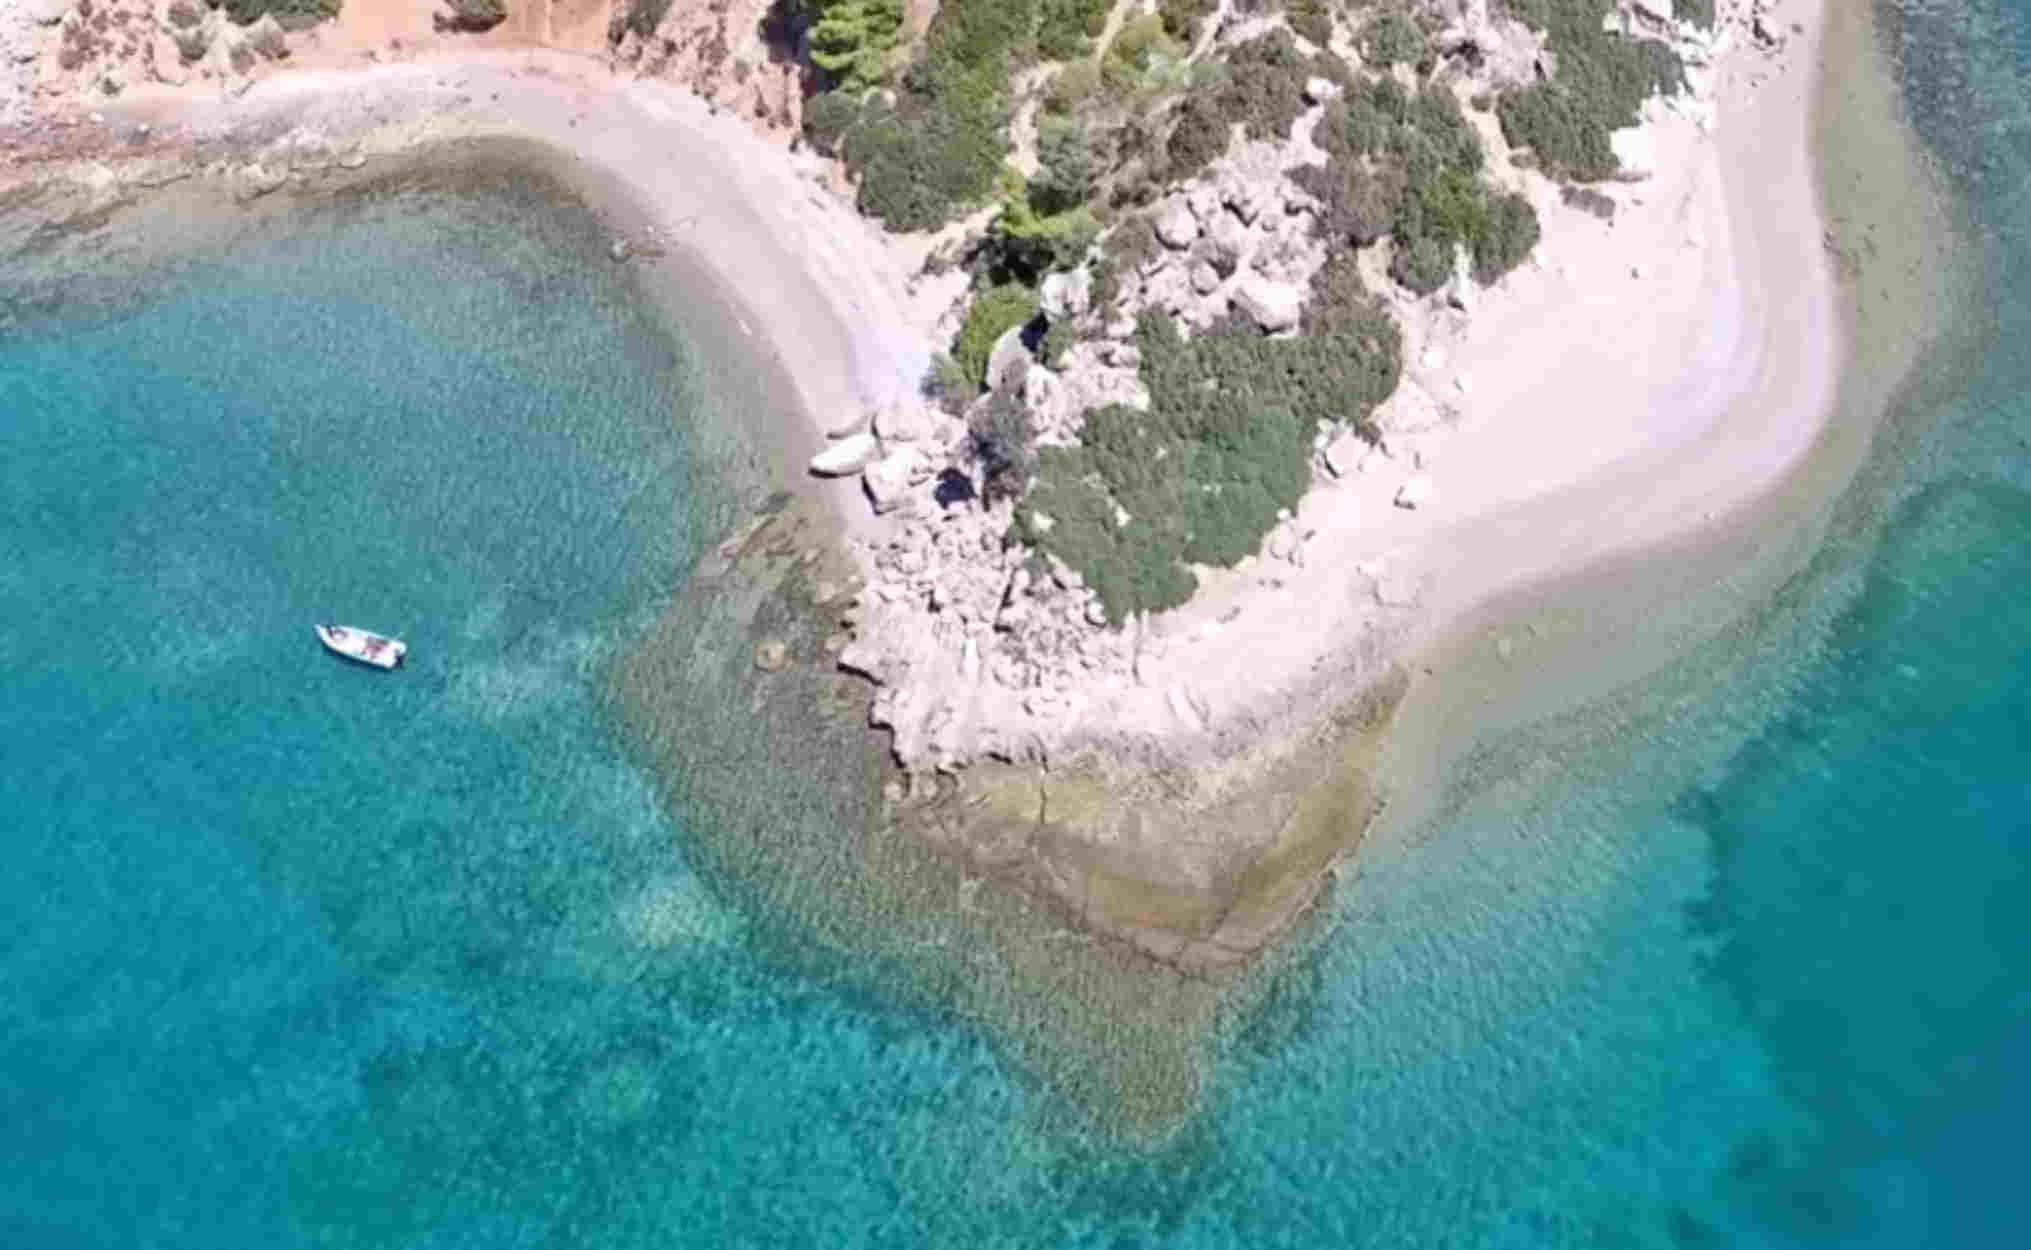 Ποιο είναι το άγνωστο Εγγλεζονήσι που μοιάζει σαν να μην είναι στην Ελλάδα